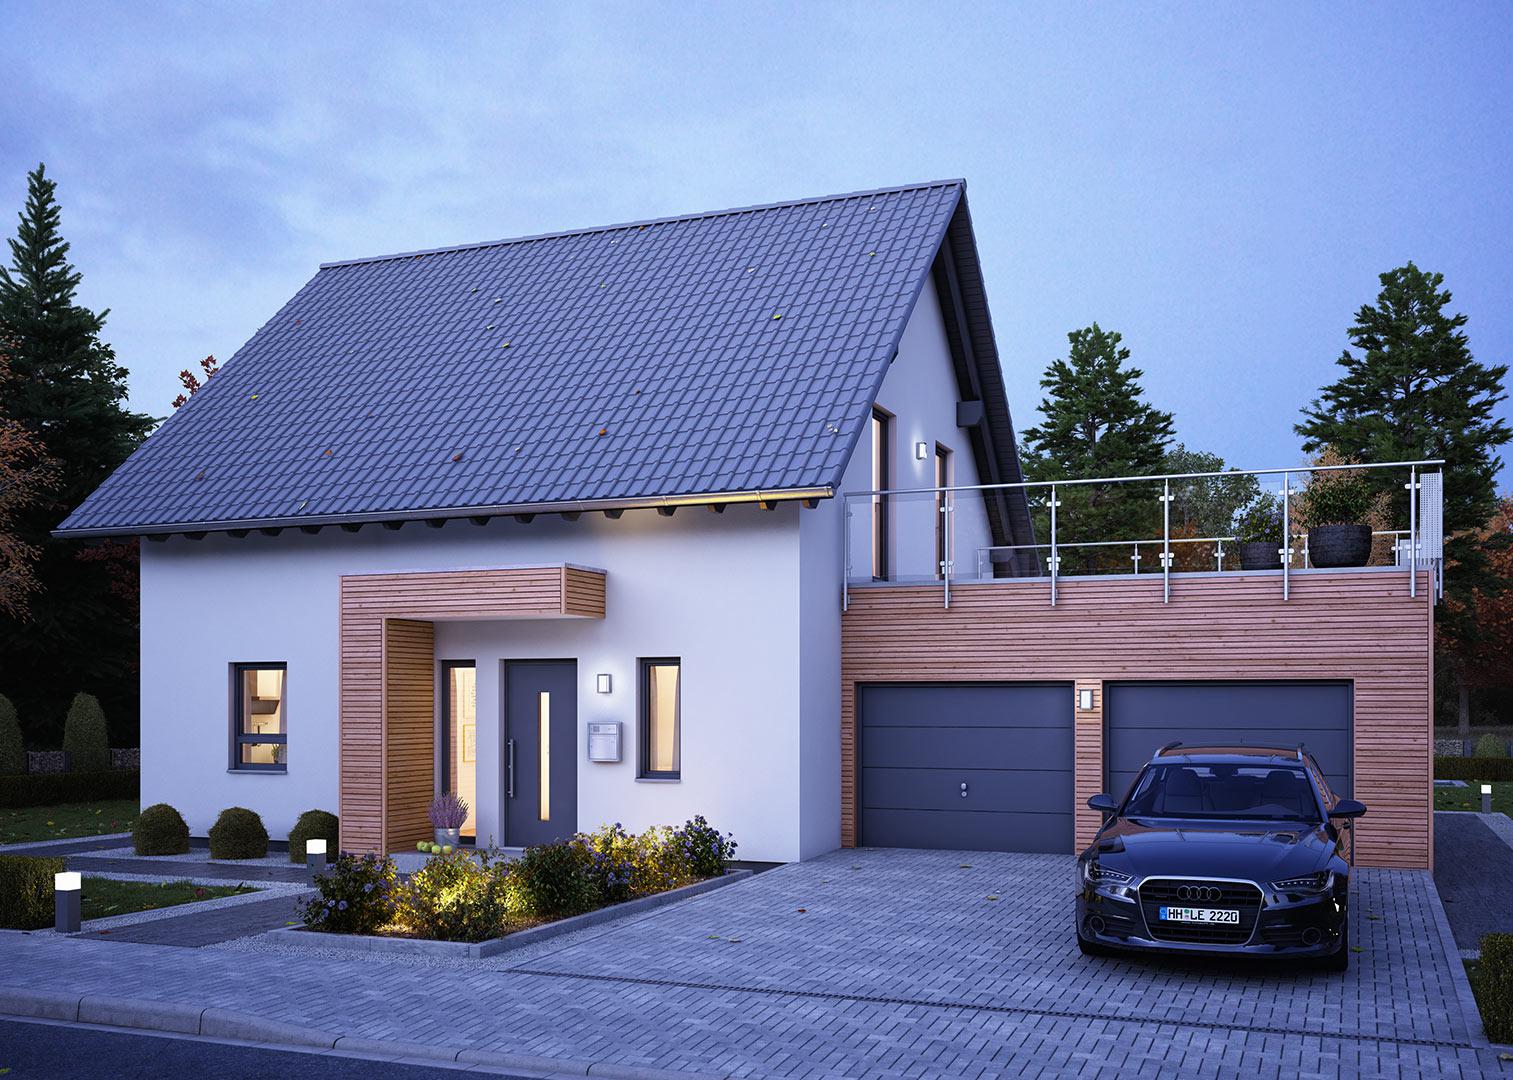 massa-einfamilienhaus-lifestyle-14-02-s-bild-1